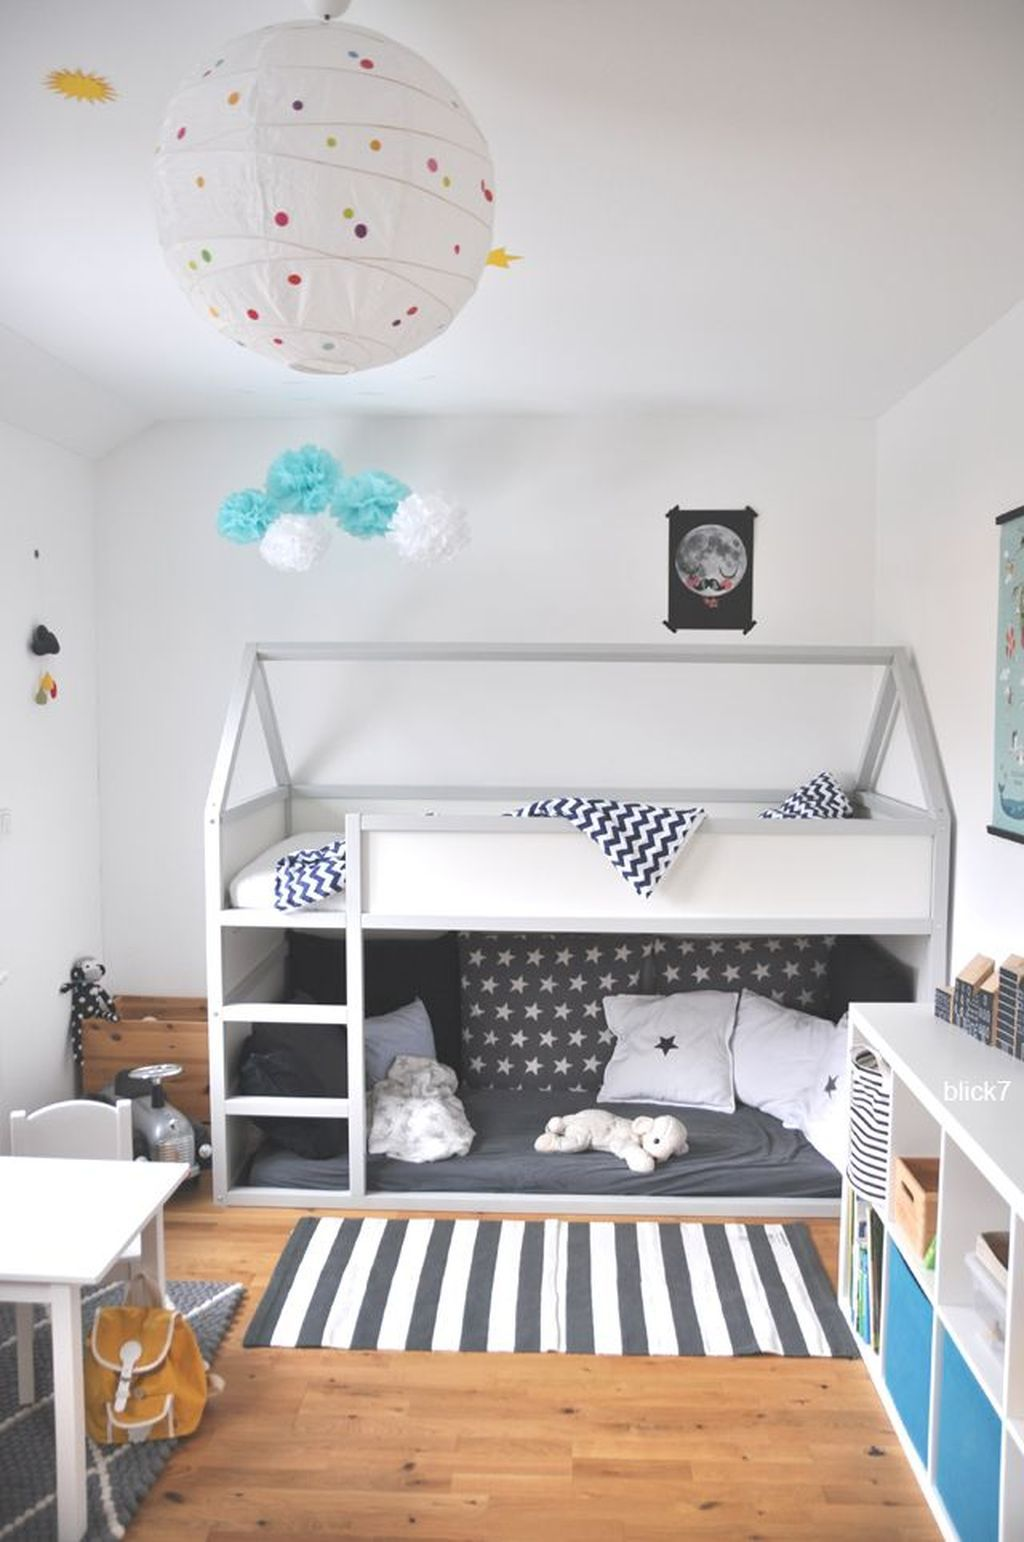 43 Best Ikea Kura Bunk Bed Hacks Ideas images